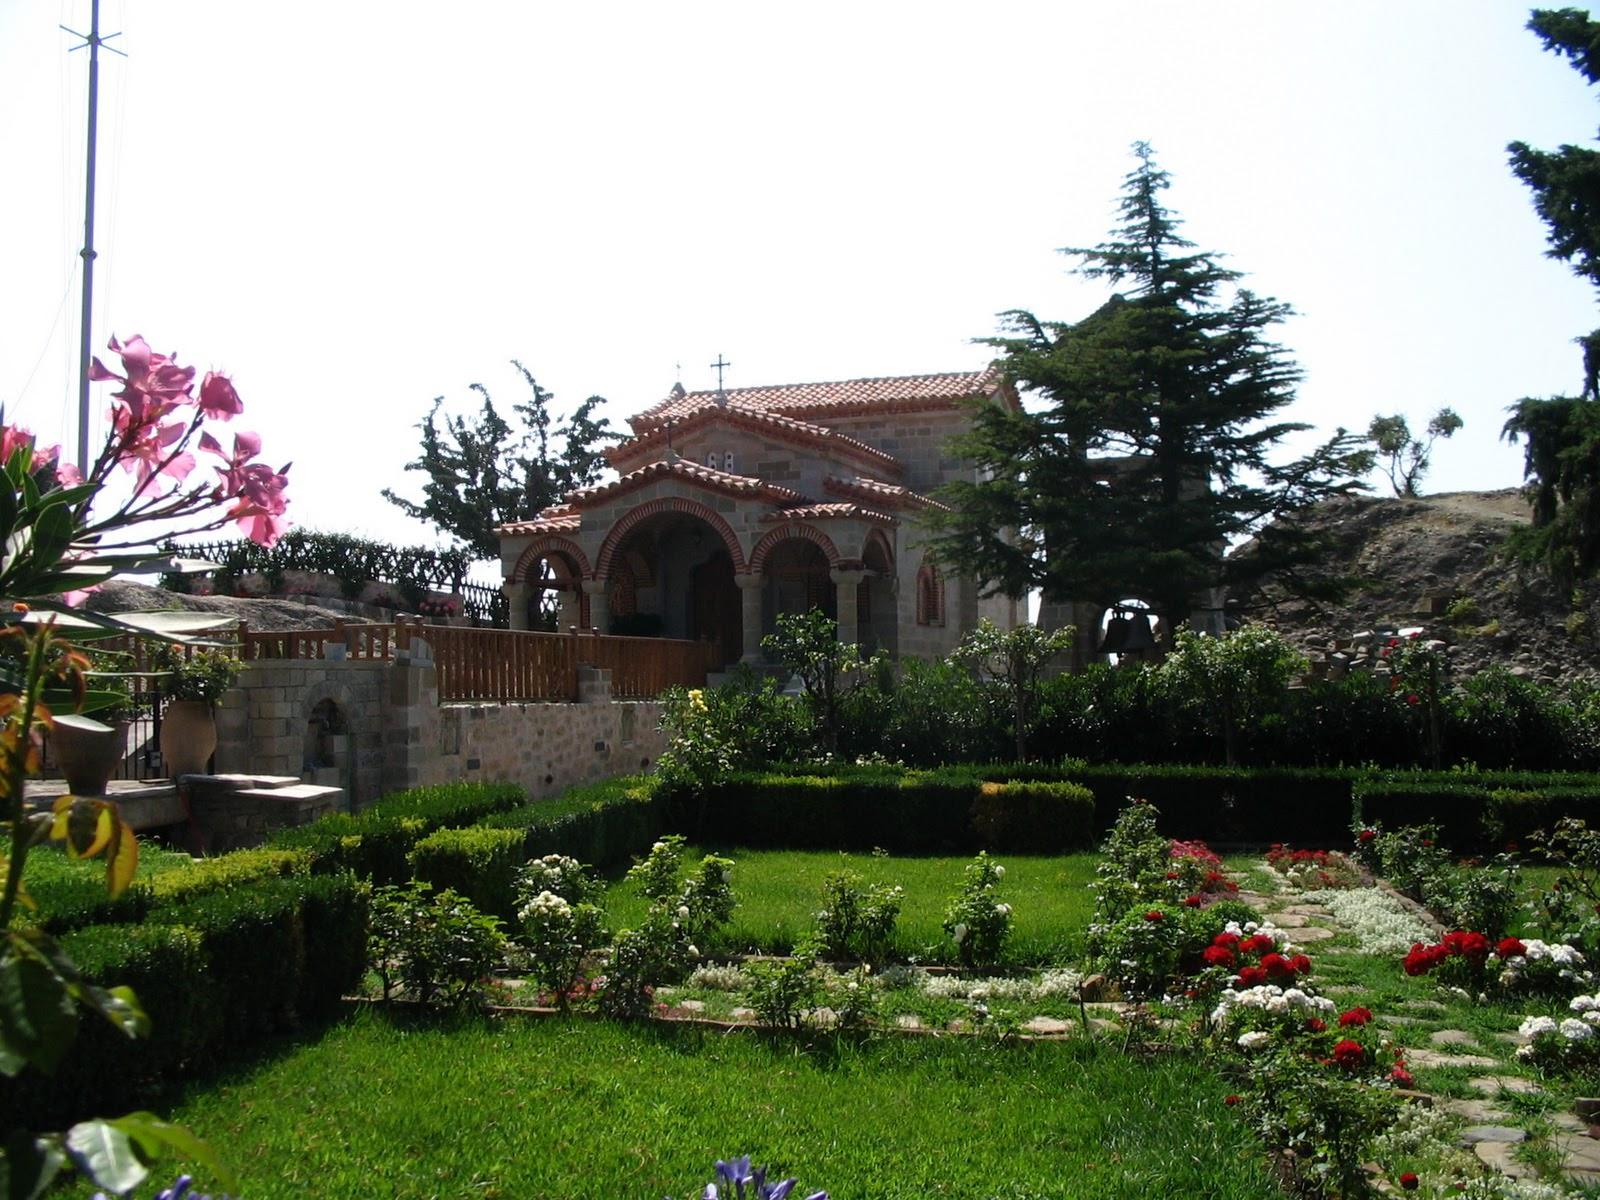 тех дизайн сада в монастырях фото предварительно